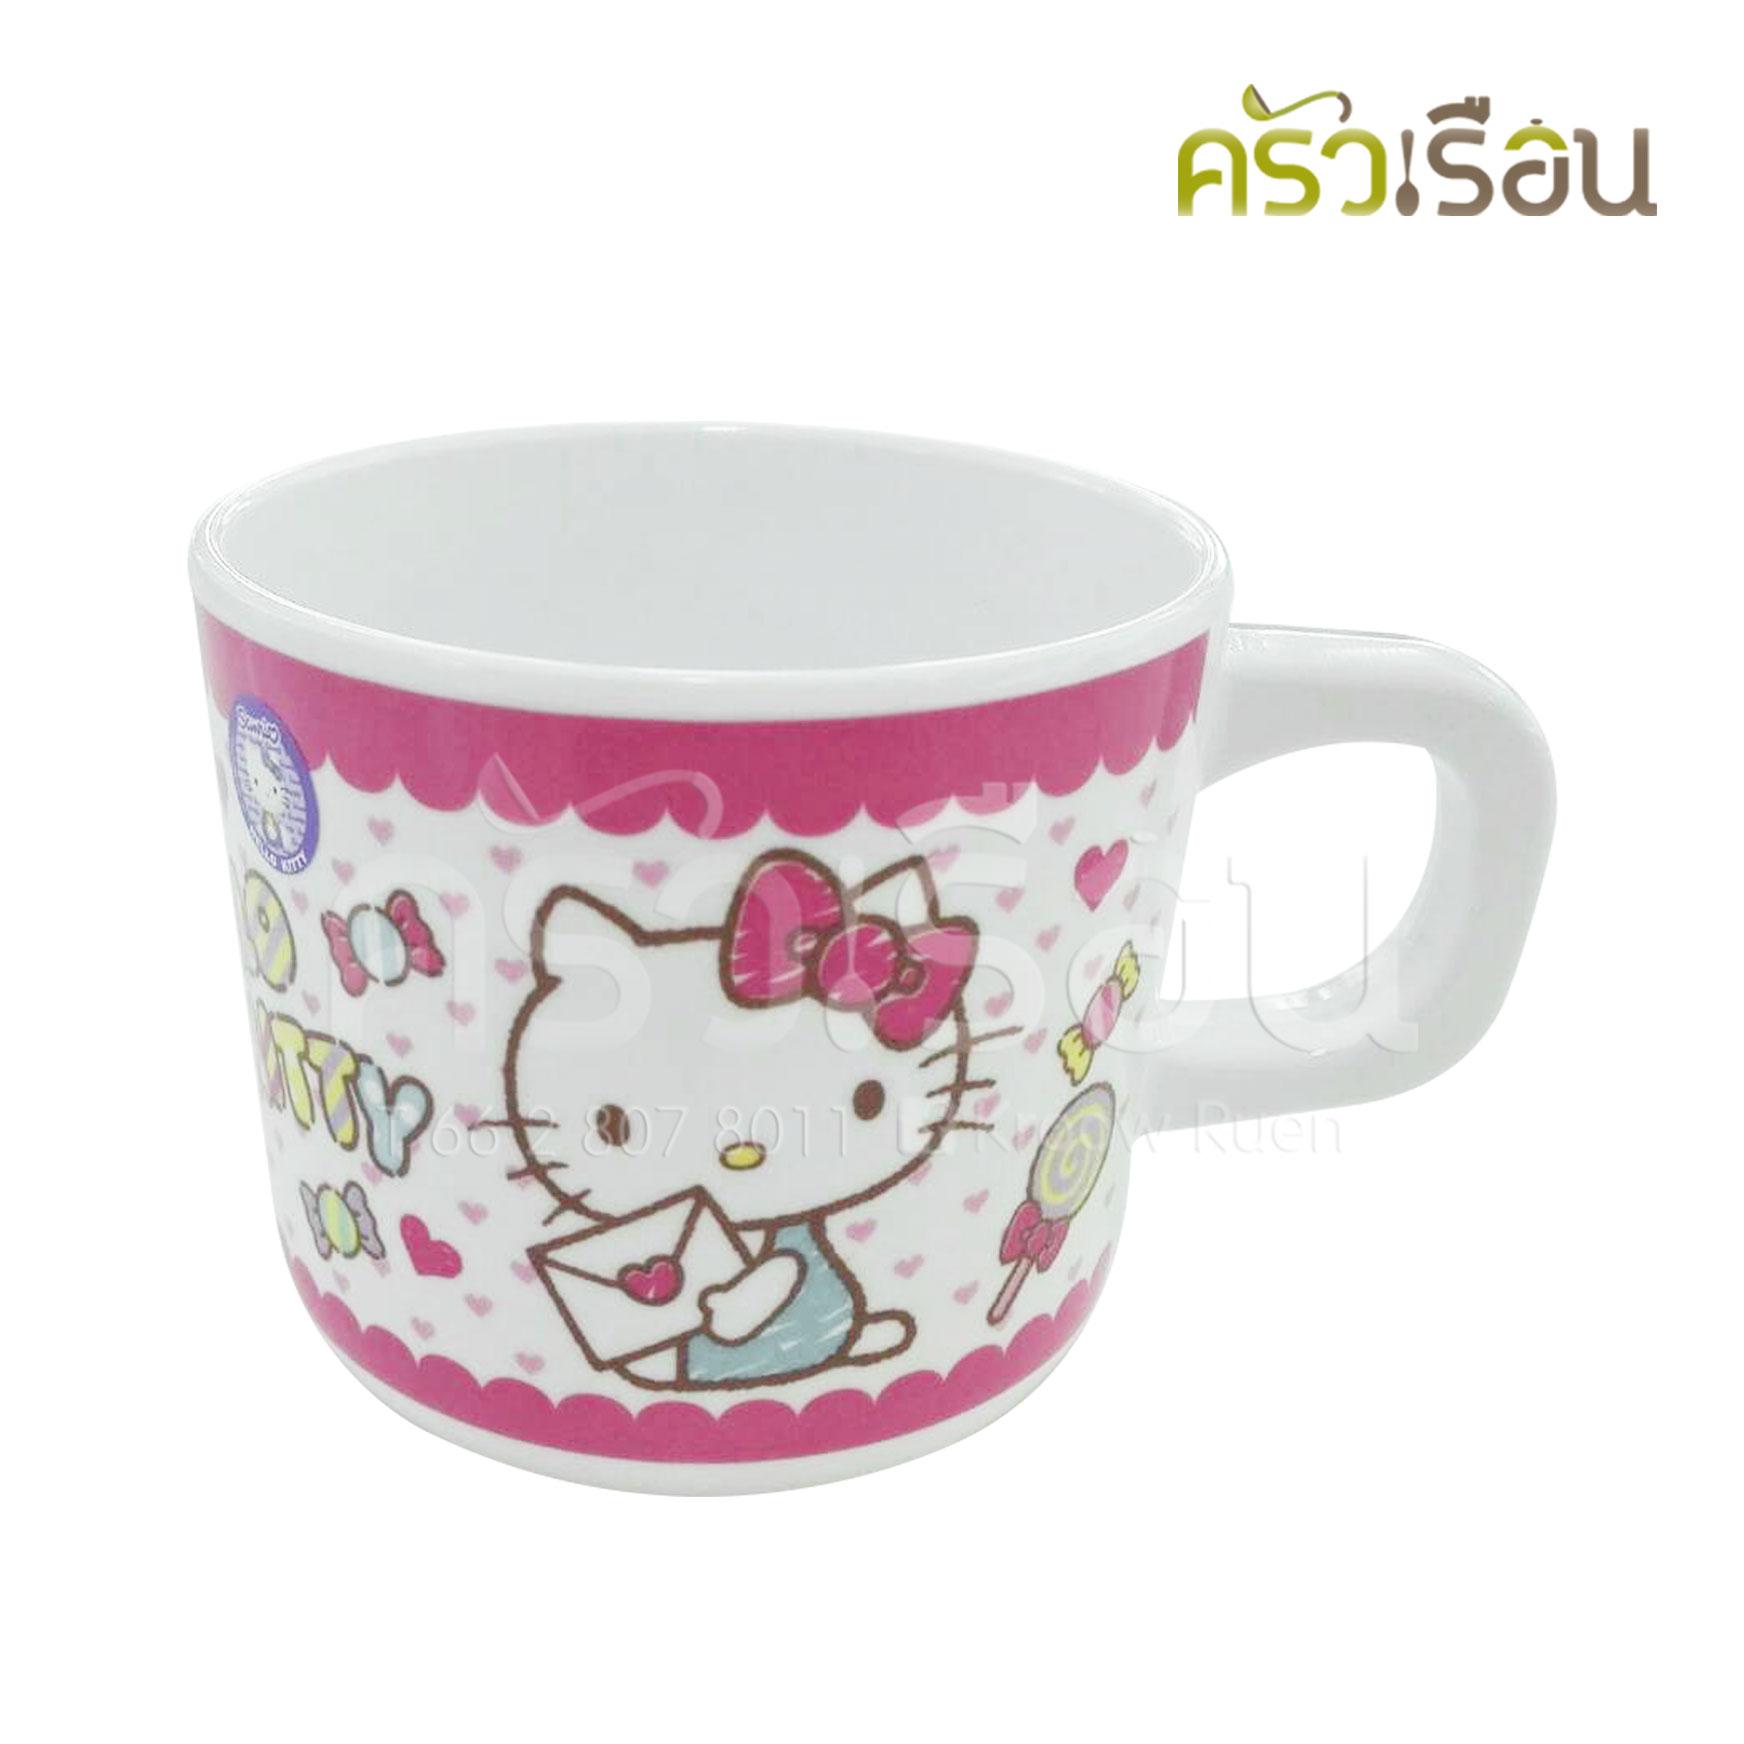 Superware ถ้วยหู คิตตี้ แคนดี้ Kitty Candy C634-3